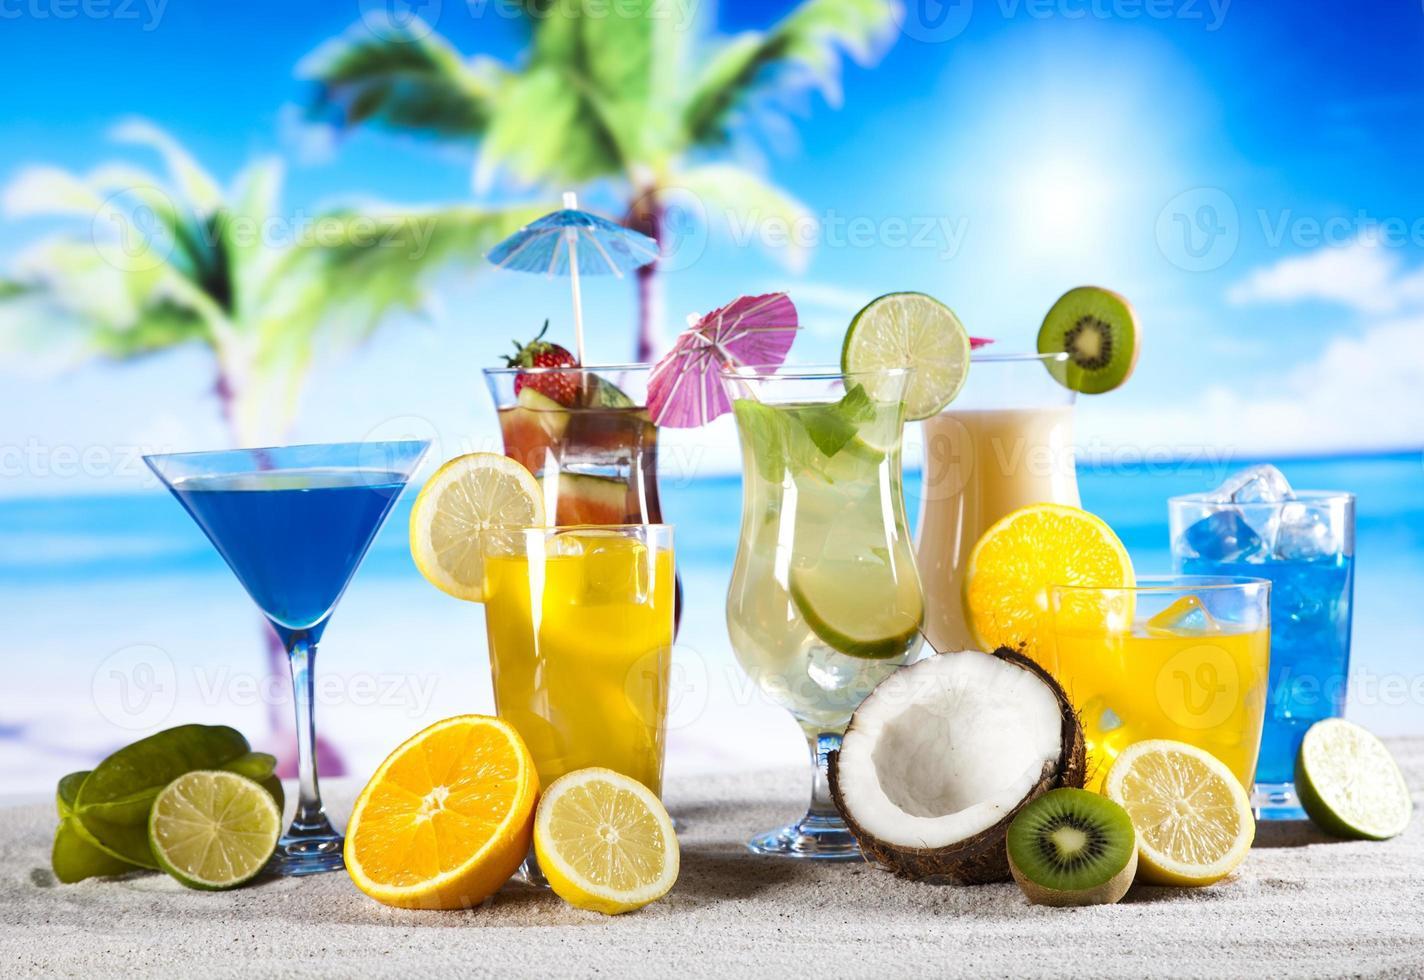 exotische alcoholische dranken foto